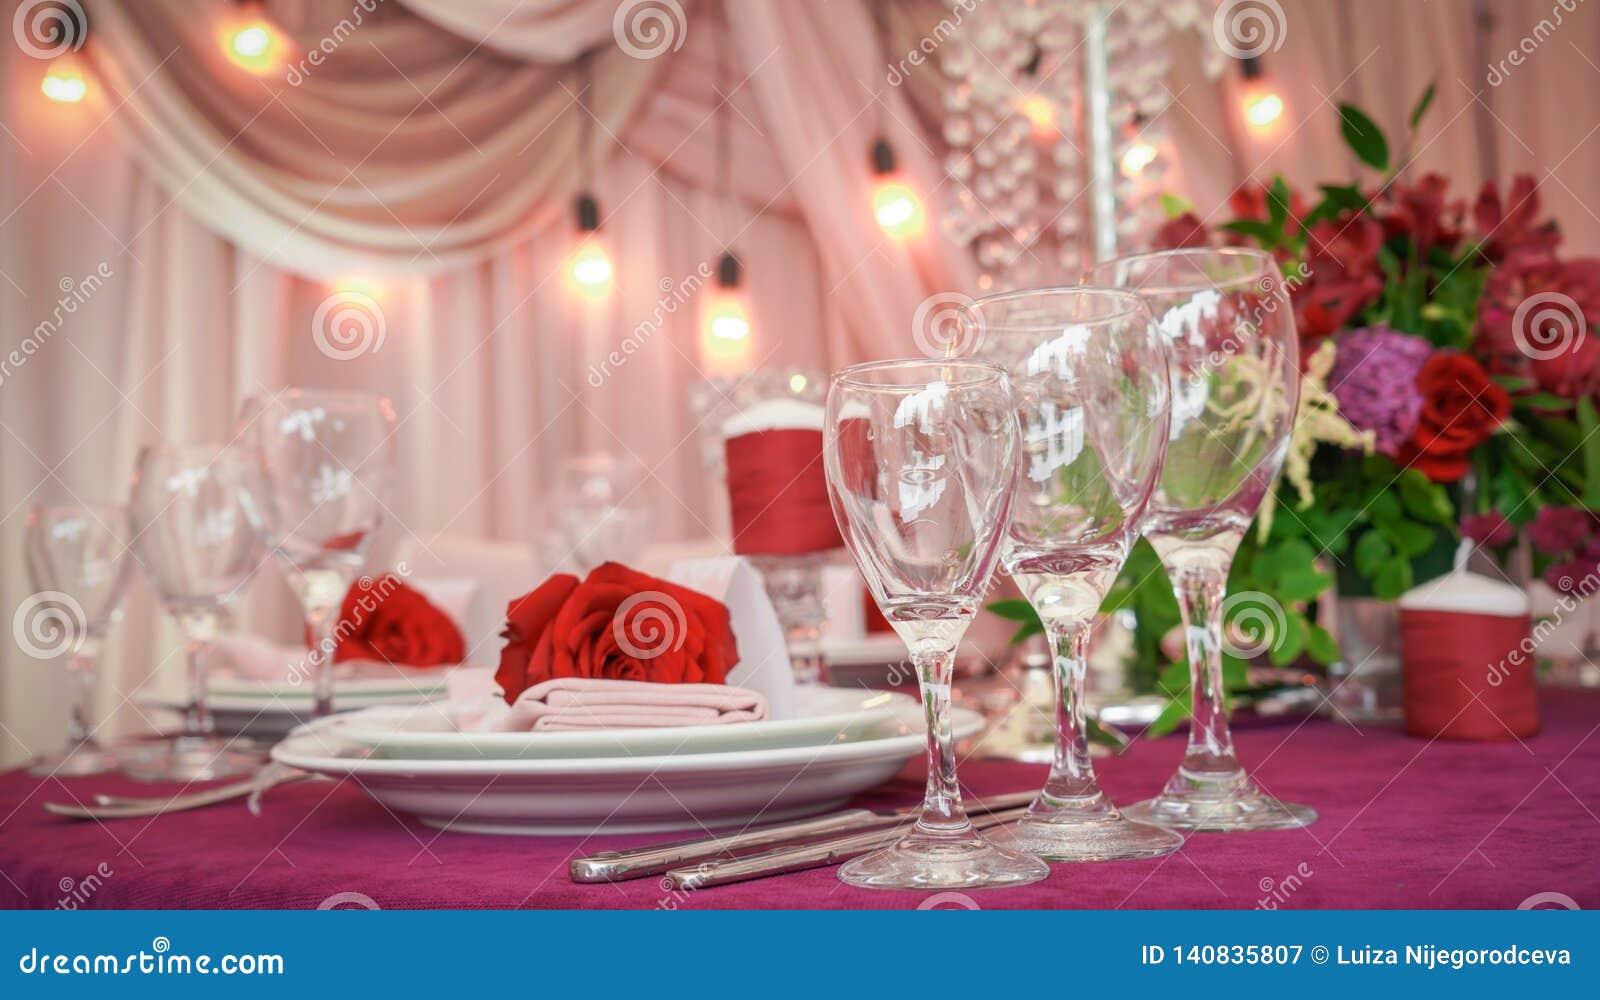 Décoration de fête de table avec les fleurs et les verres rouges